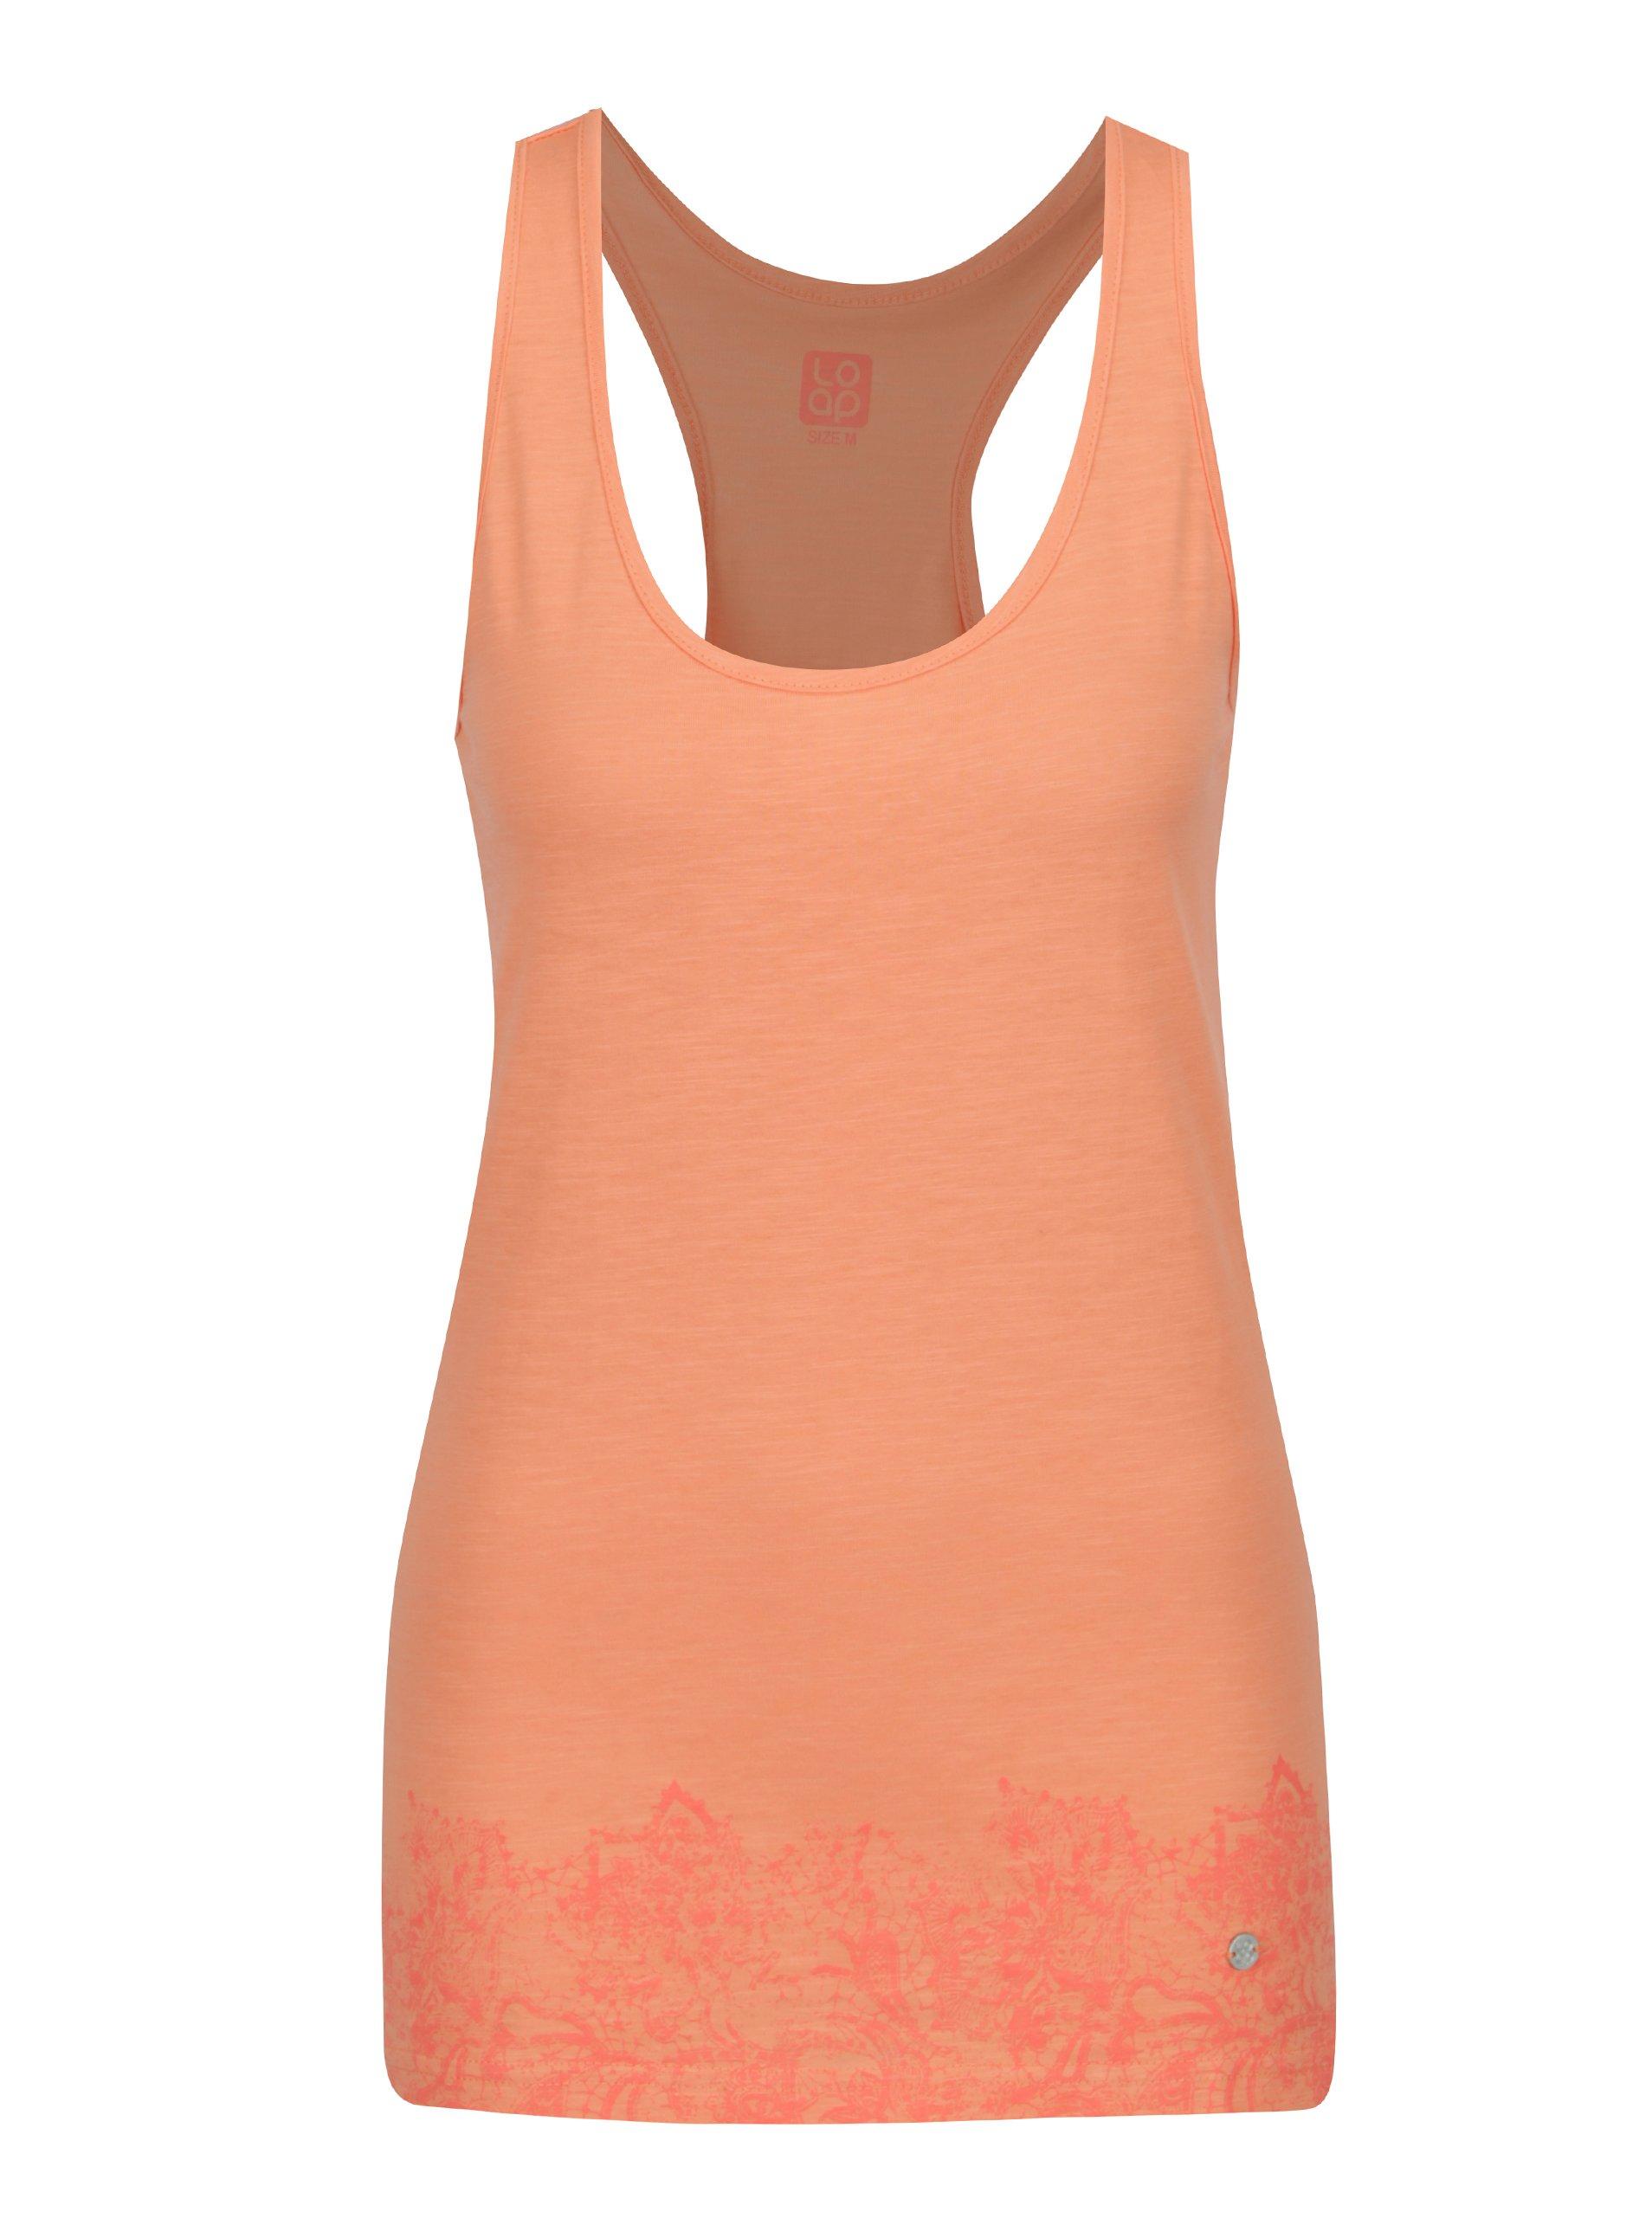 fccb68b35307 Oranžové dámske tielko s potlačou LOAP Bale